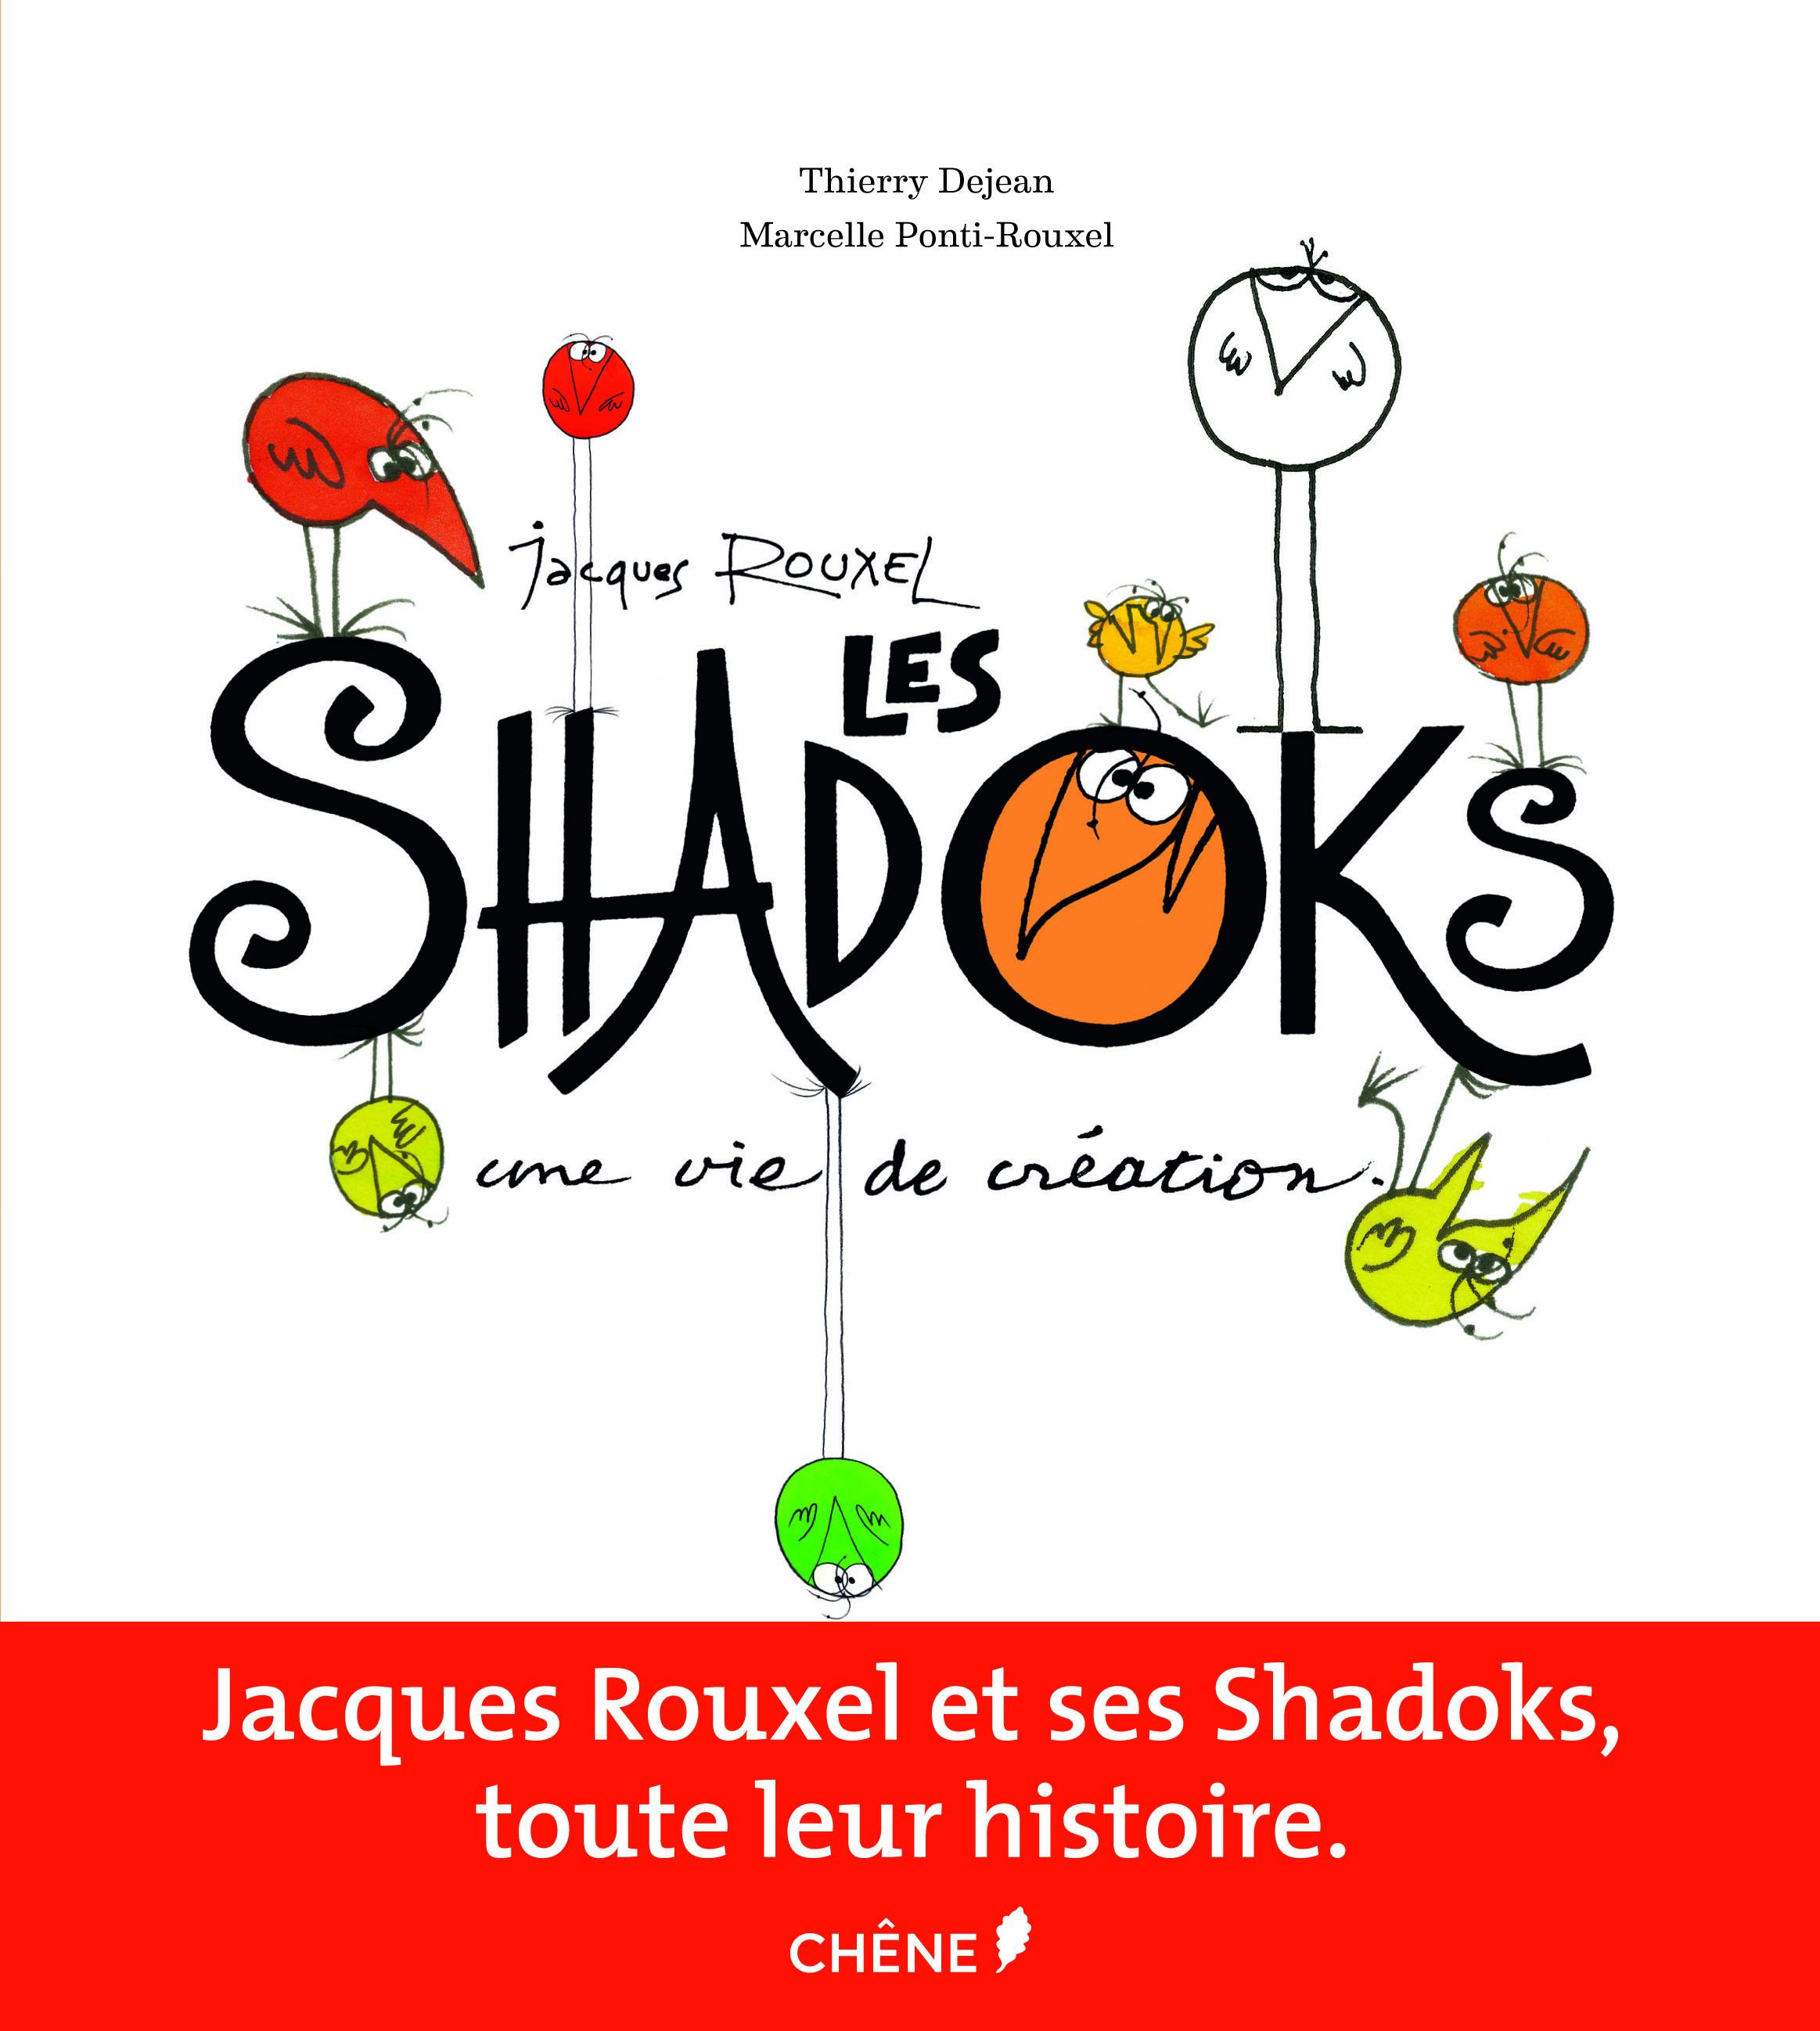 2012-12-04-Shadoks_bandeau_PF_300dpi_CMJn.jpg